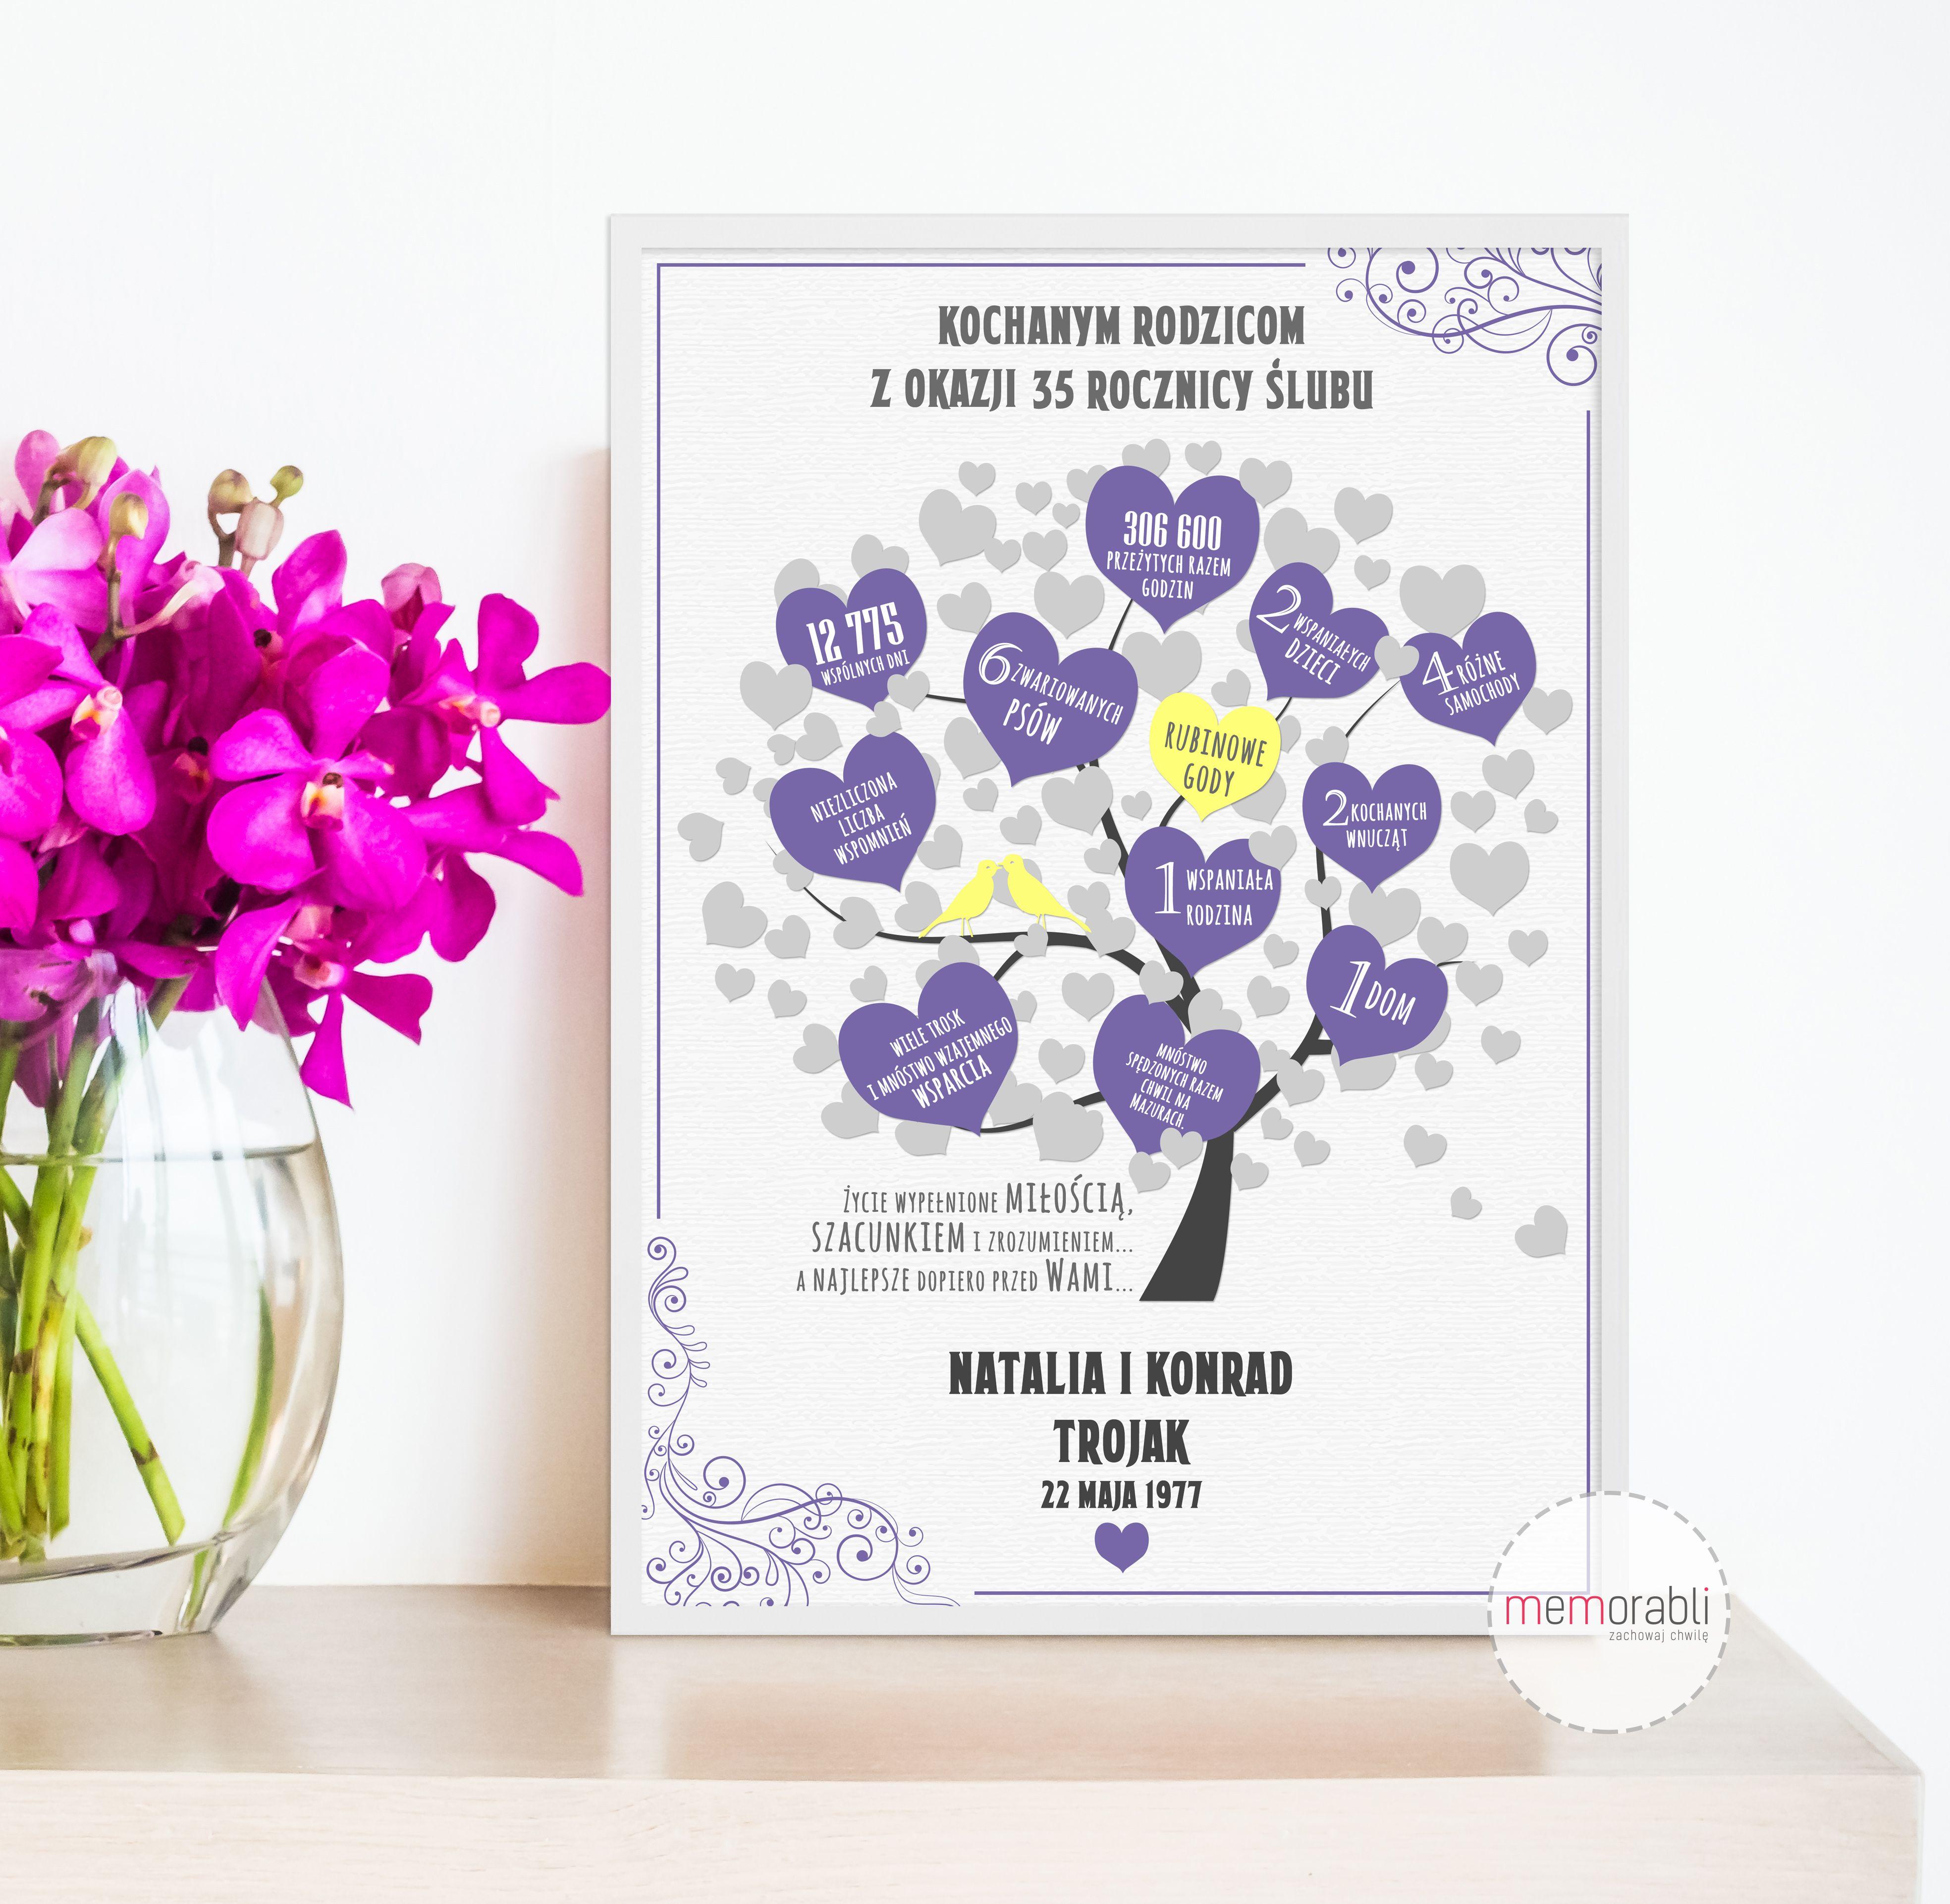 Plakat Na Rocznice Slubu Walentynki Love Wedding Rocznica